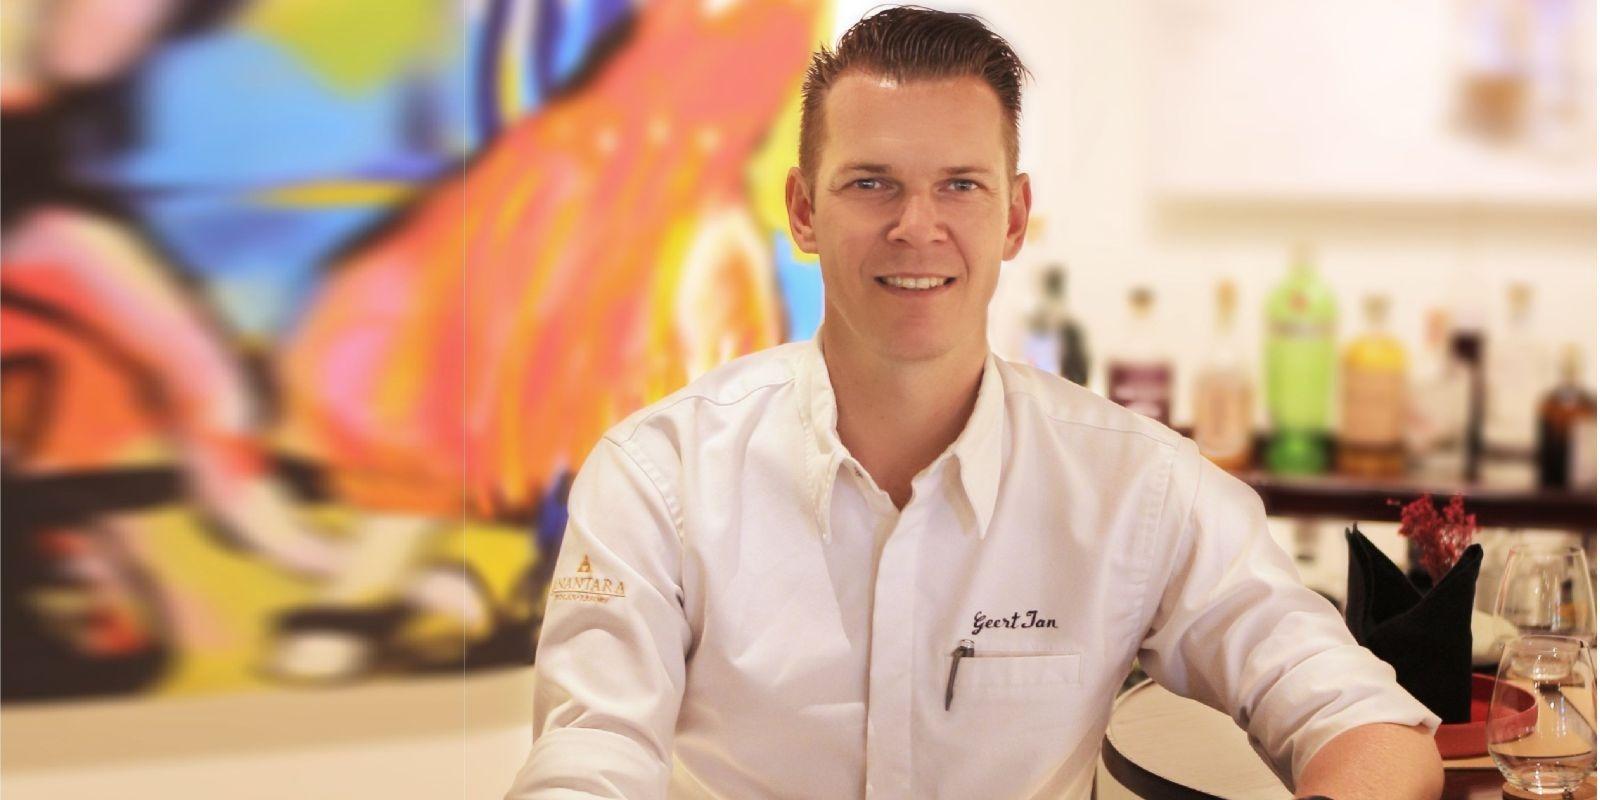 art space's chef Geert-Jan